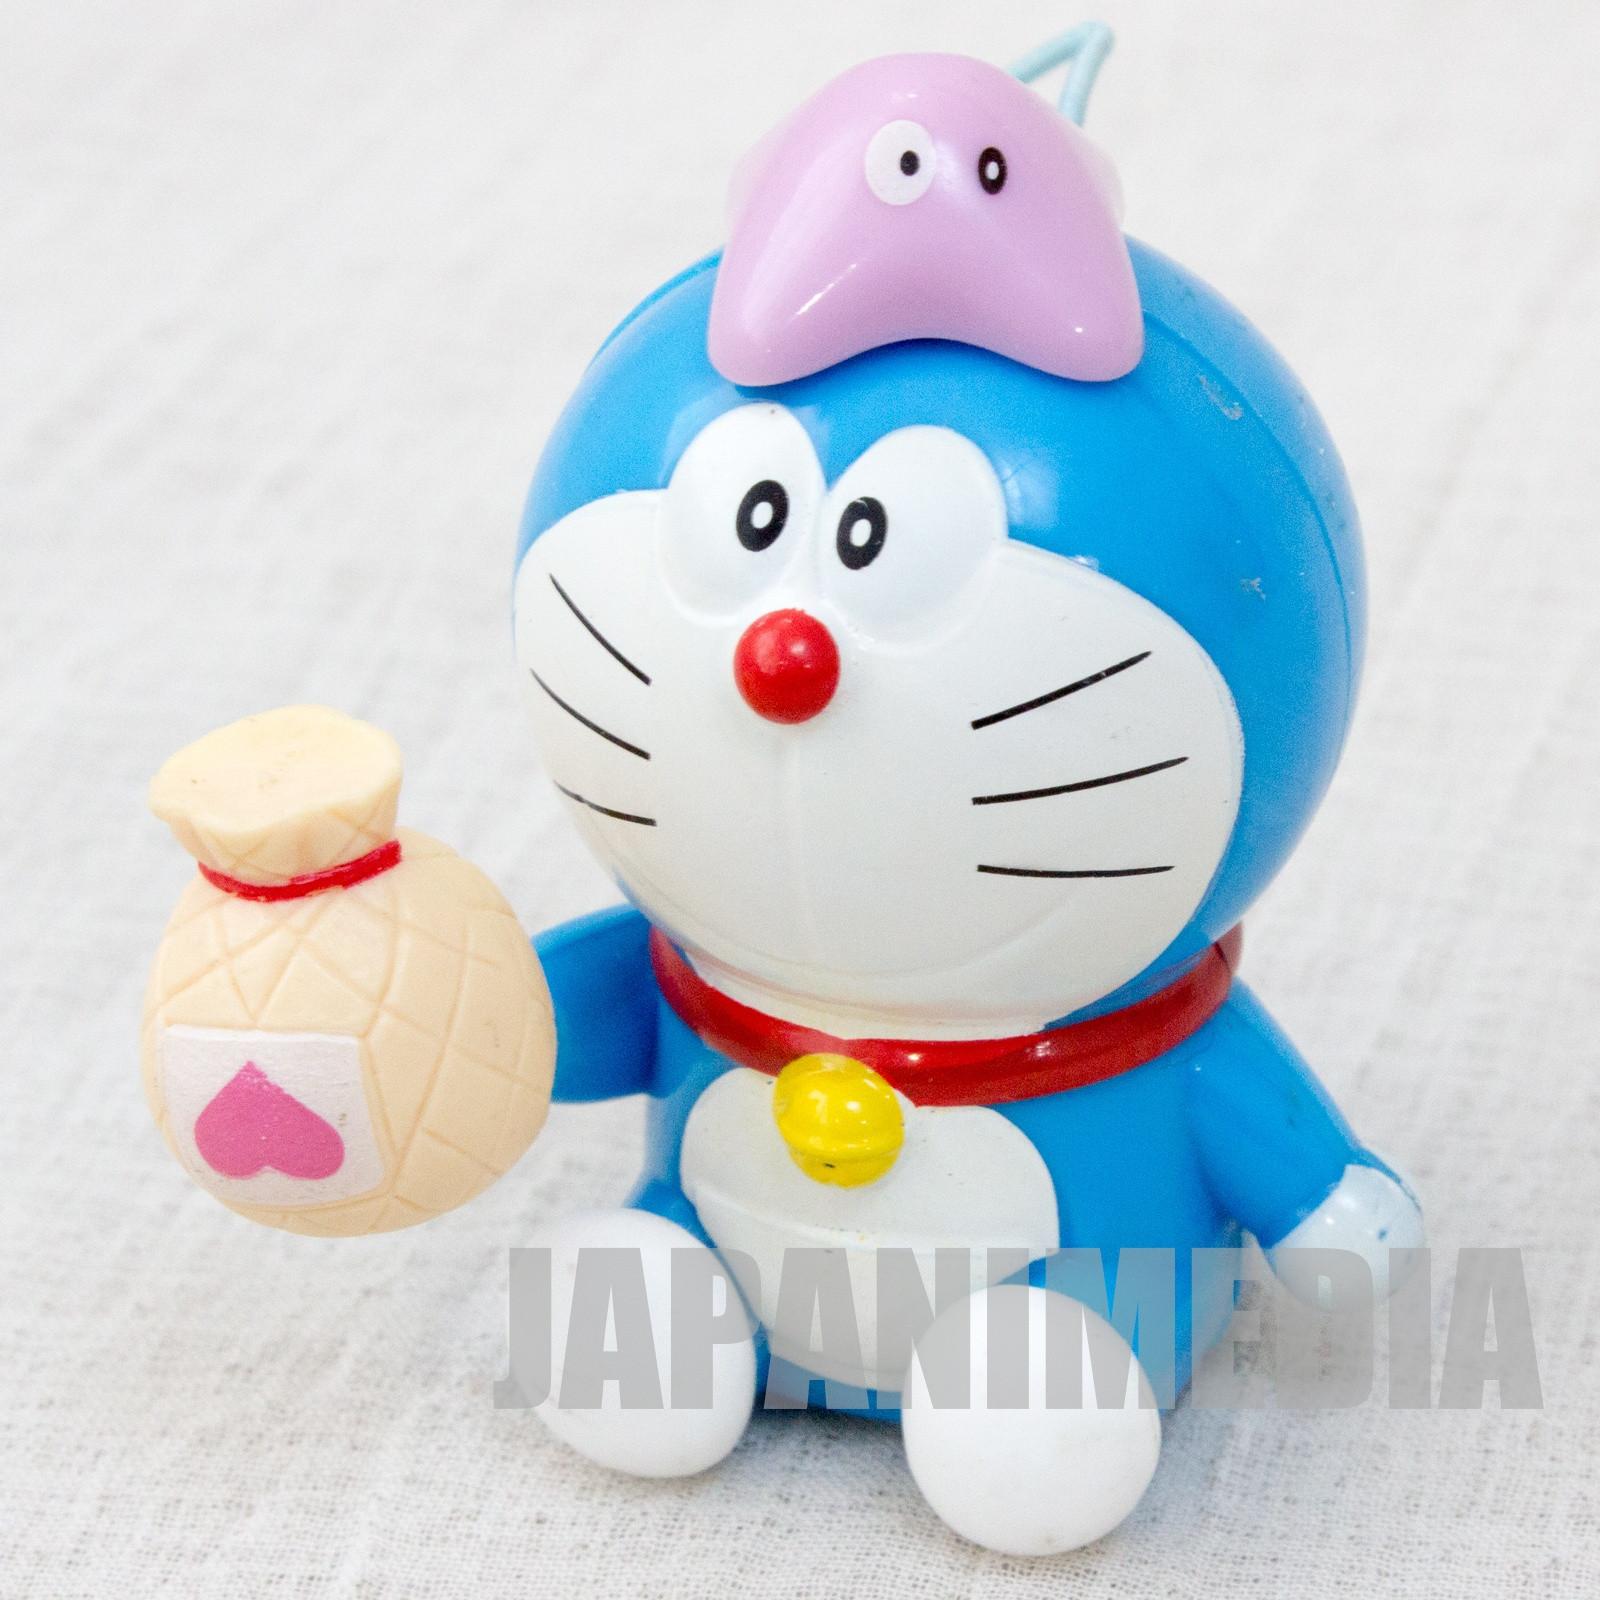 [JUNK!!] Doraemon Pull Back Figure JAPAN ANIME